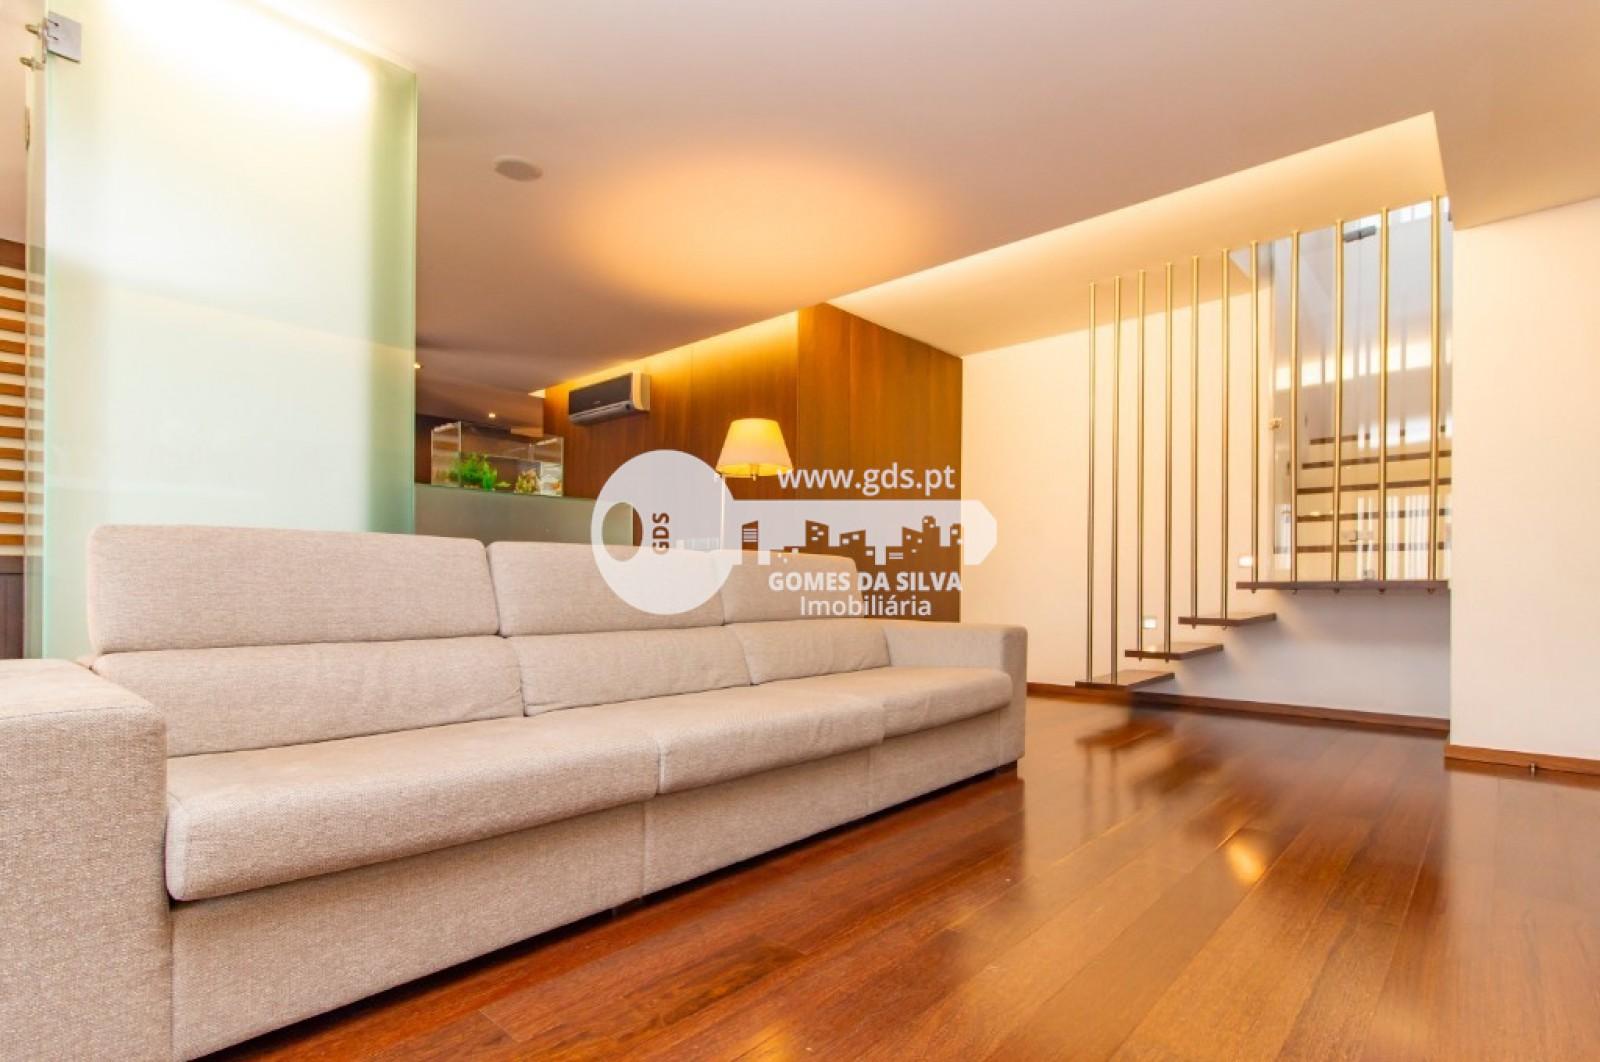 Apartamento T3 para Venda em Nogueira, Fraião e Lamaçães, Braga, Braga - Imagem 15